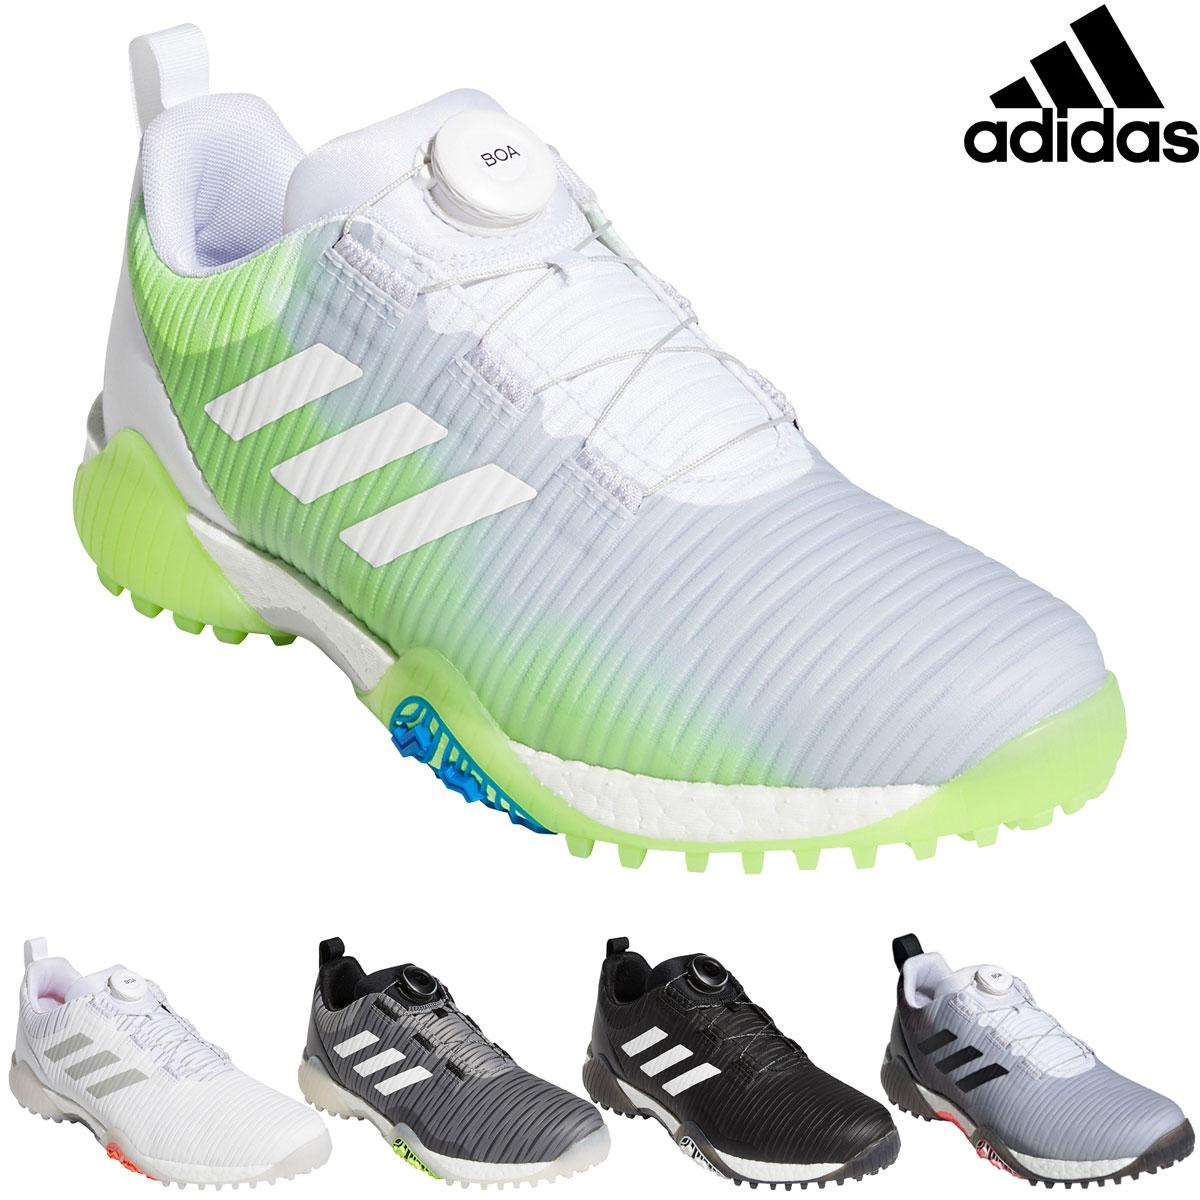 在庫限りの最終放出 adidas 2020モデル Golf アディダスゴルフ 日本正規品 CODECHAOS Boa Low スパイクレスゴルフシューズ セール KXJ34 コードカオスボアロウ あす楽対応